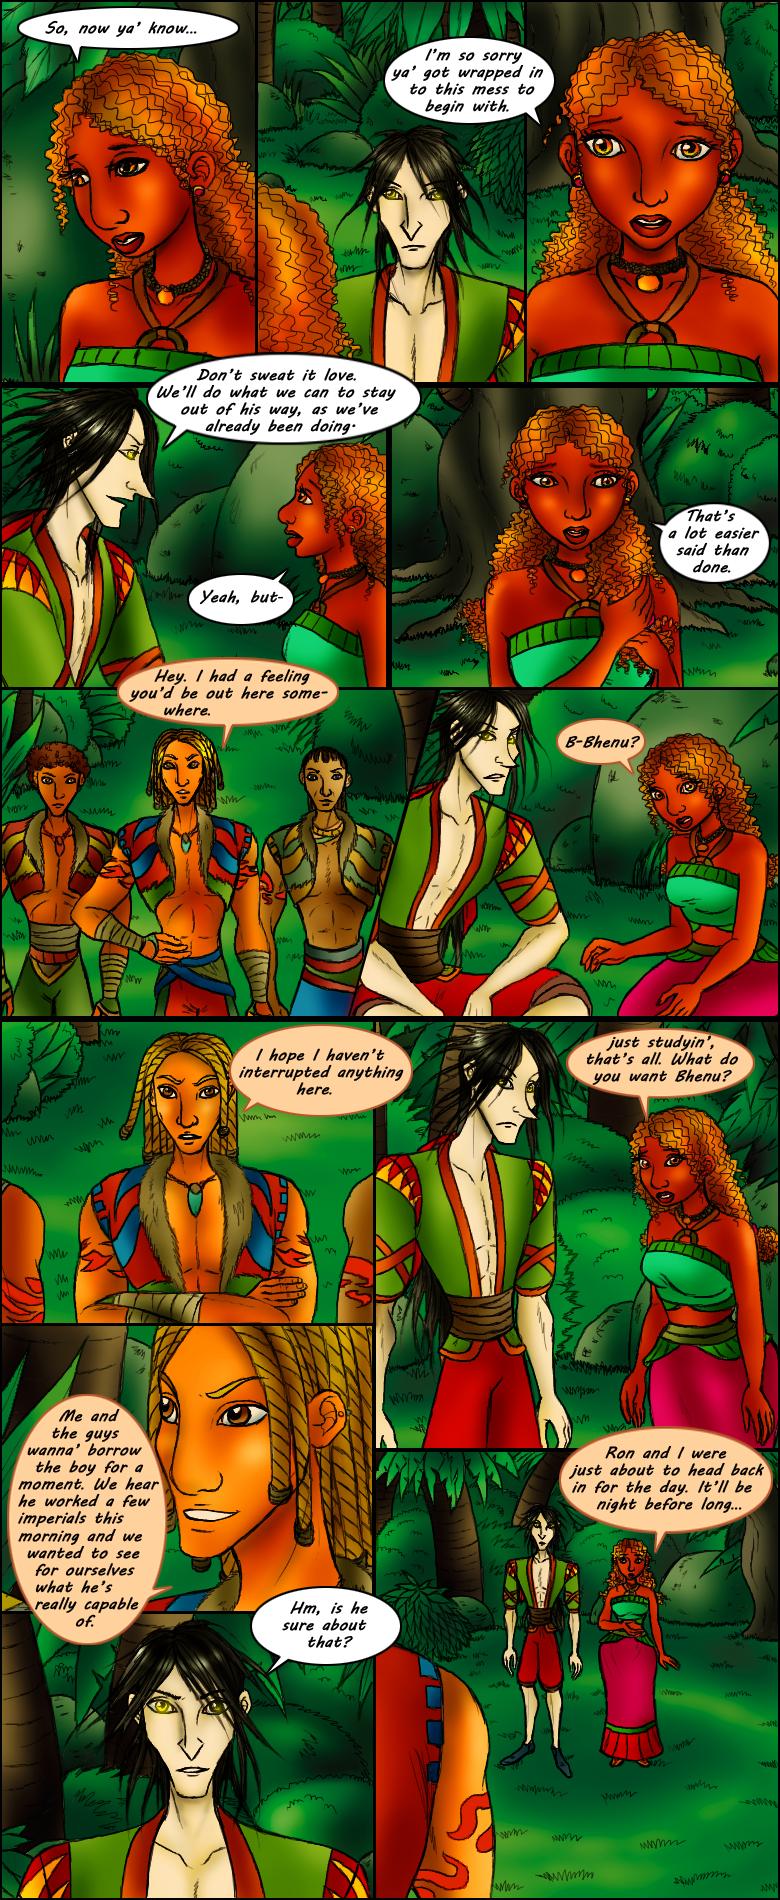 Page 142 – Bhenu's Proposal